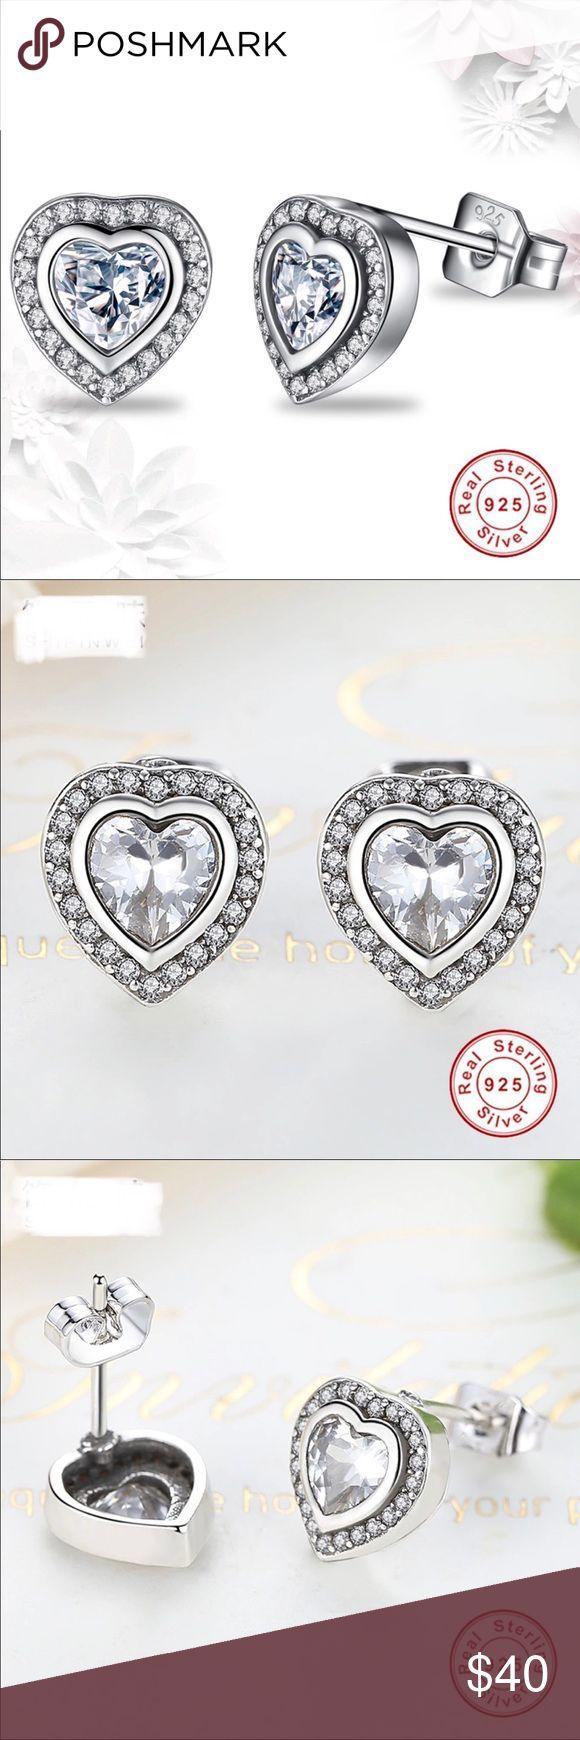 🎉just In🎉 100% 925 Sterling Silver Stud Earrings 100% 925 Sterling Silver dazzling crystal sweet heart Stud Earrings. Size: 10mm. Imported. Jewelry Earrings